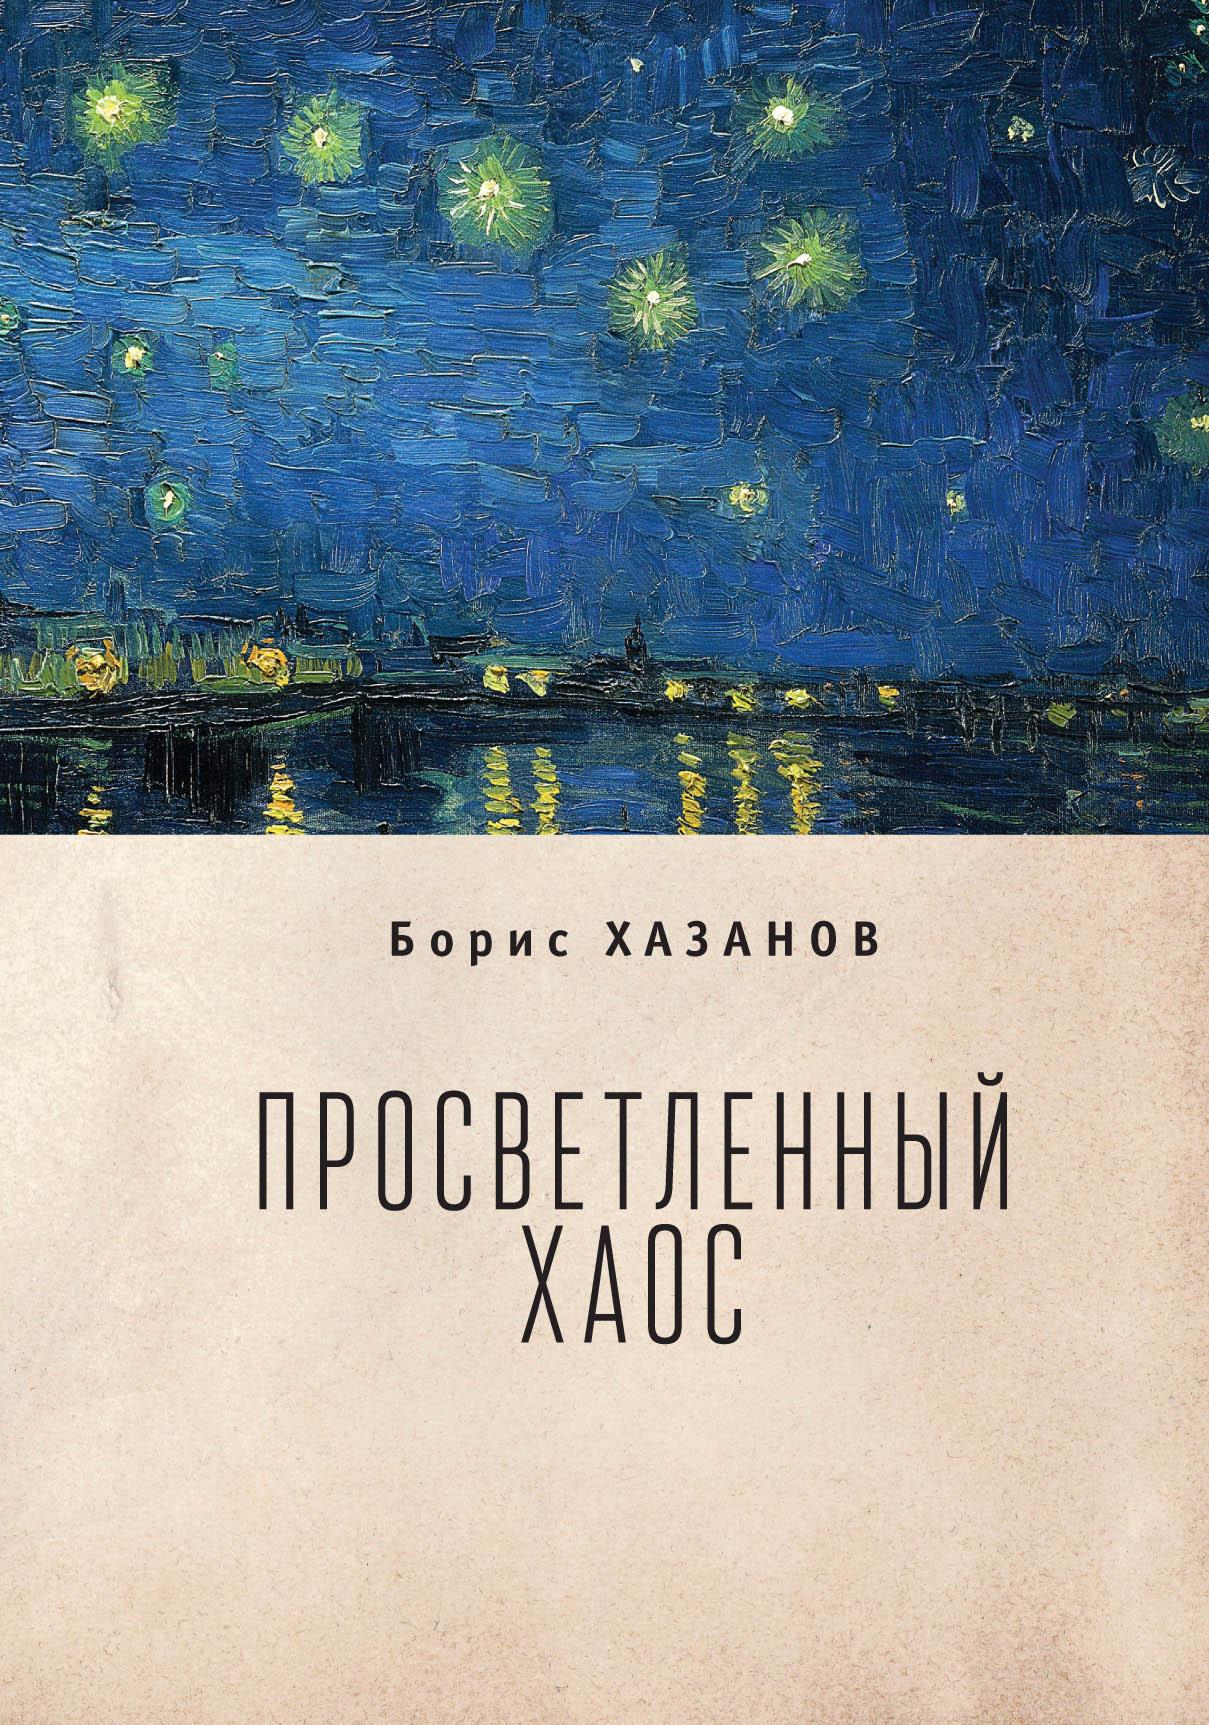 Борис Хазанов Просветленный хаос (тетраптих) дизайн форма и хаос